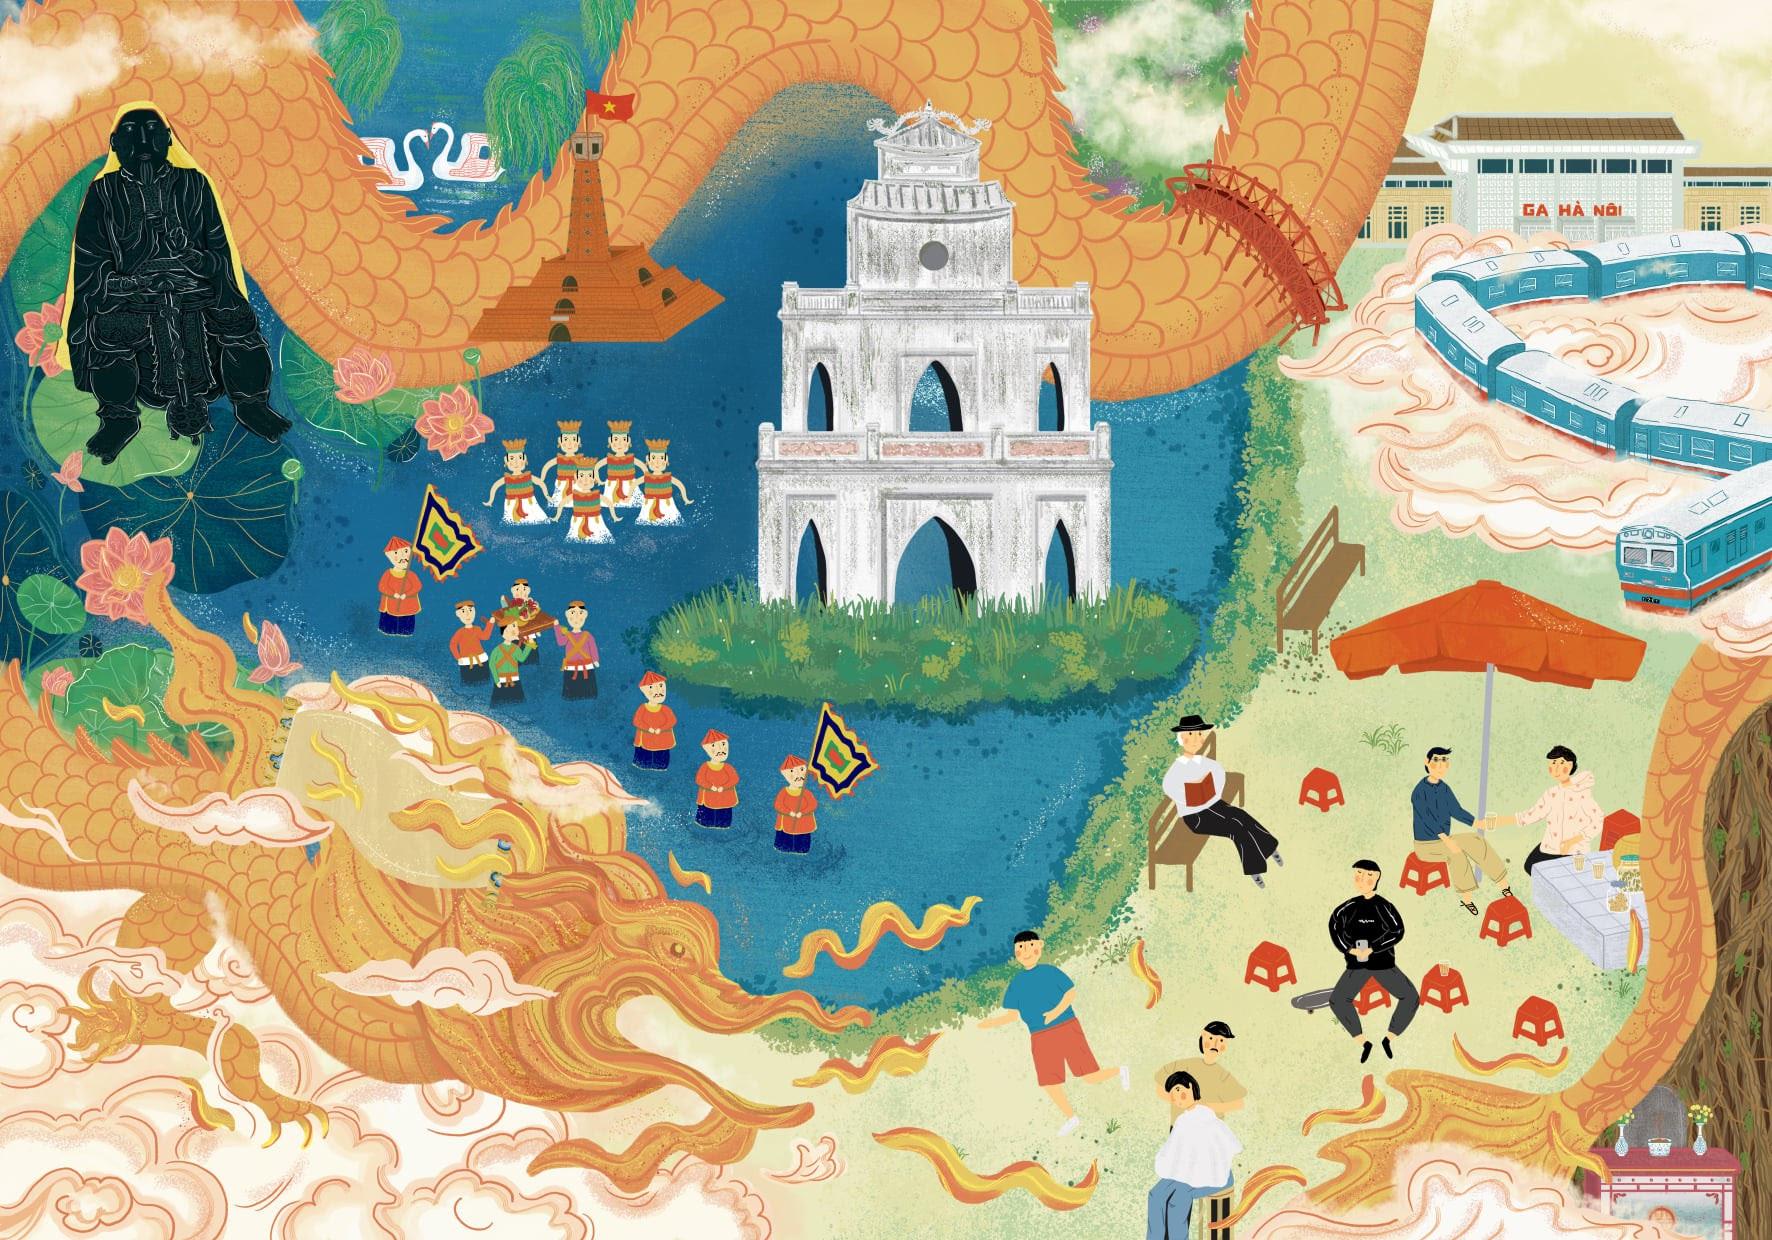 Hà Nội 'lạ mà quen' qua tranh của những họa sĩ trẻ - 17